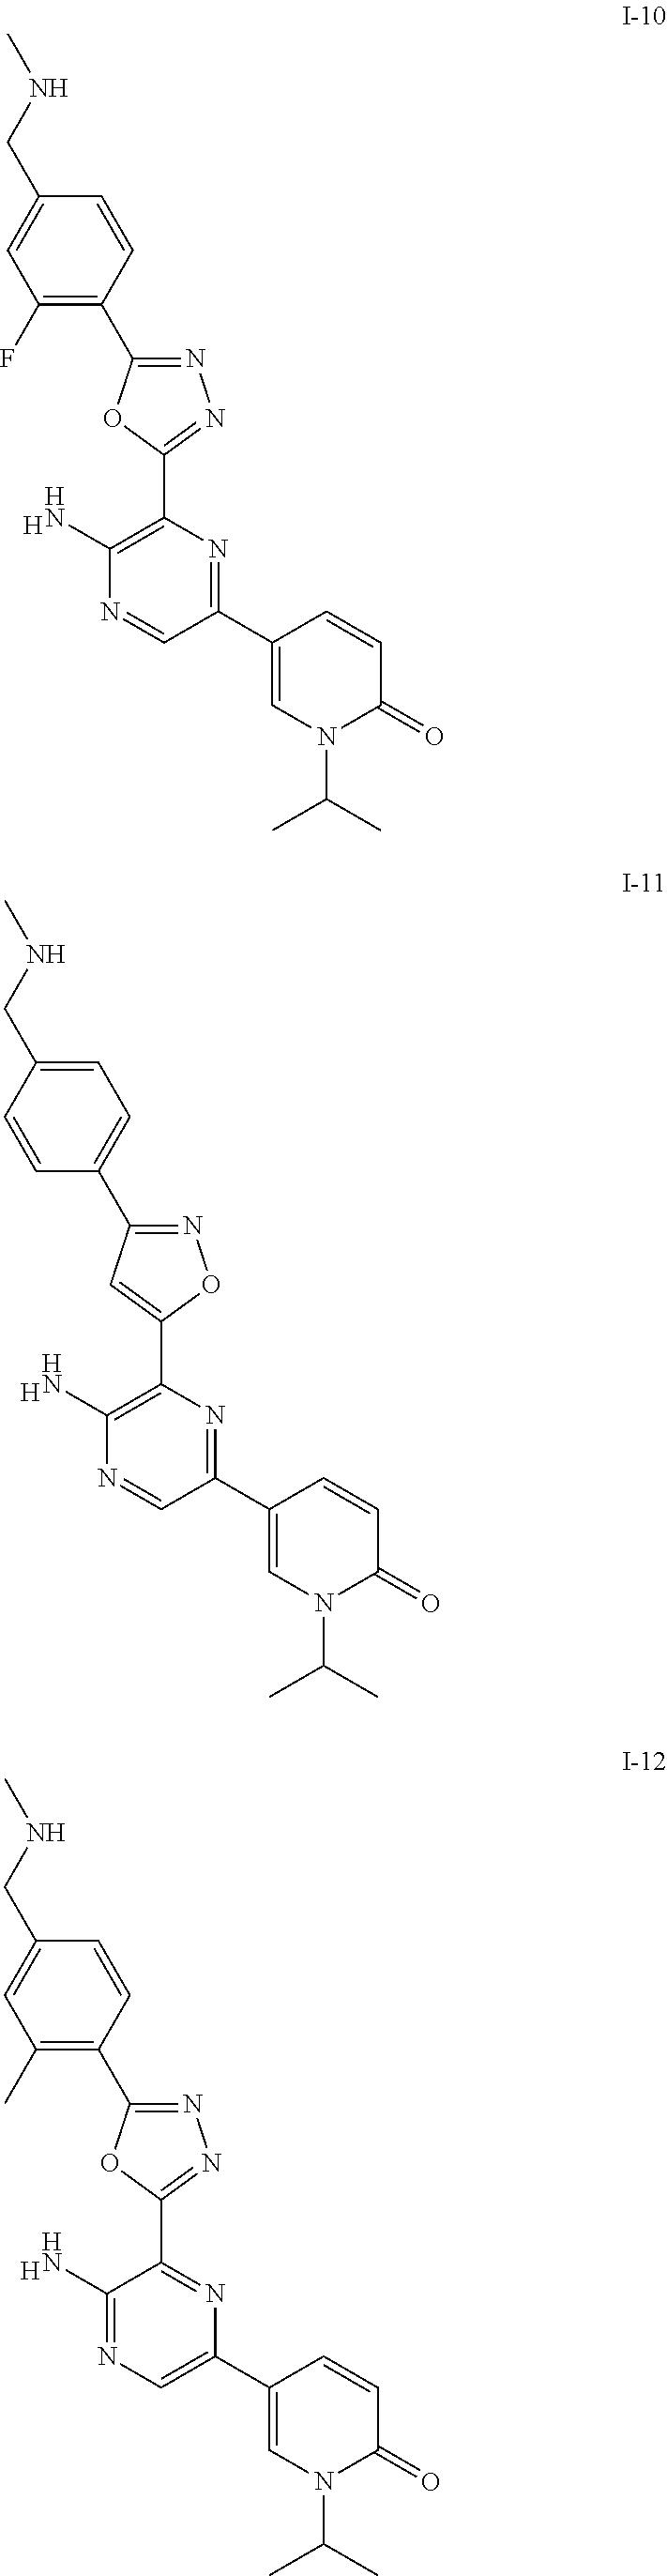 Figure US09630956-20170425-C00220